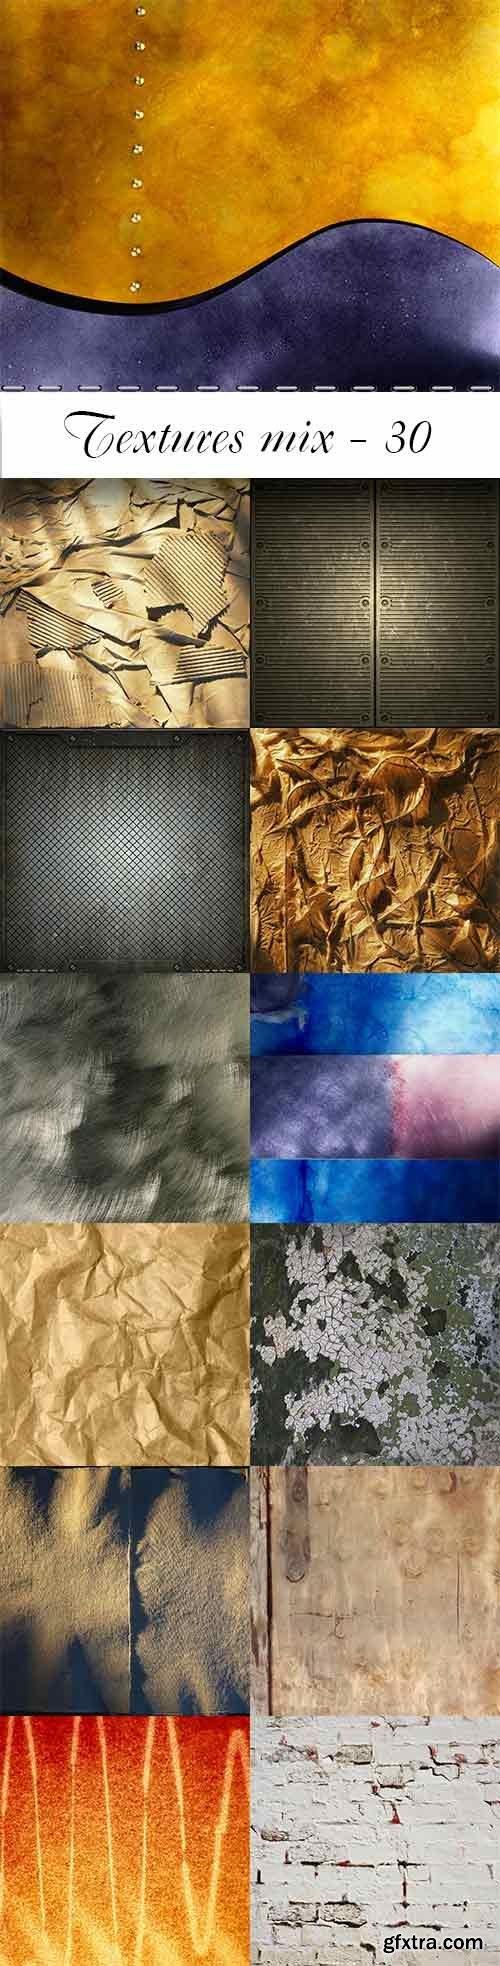 Textures mix - 30